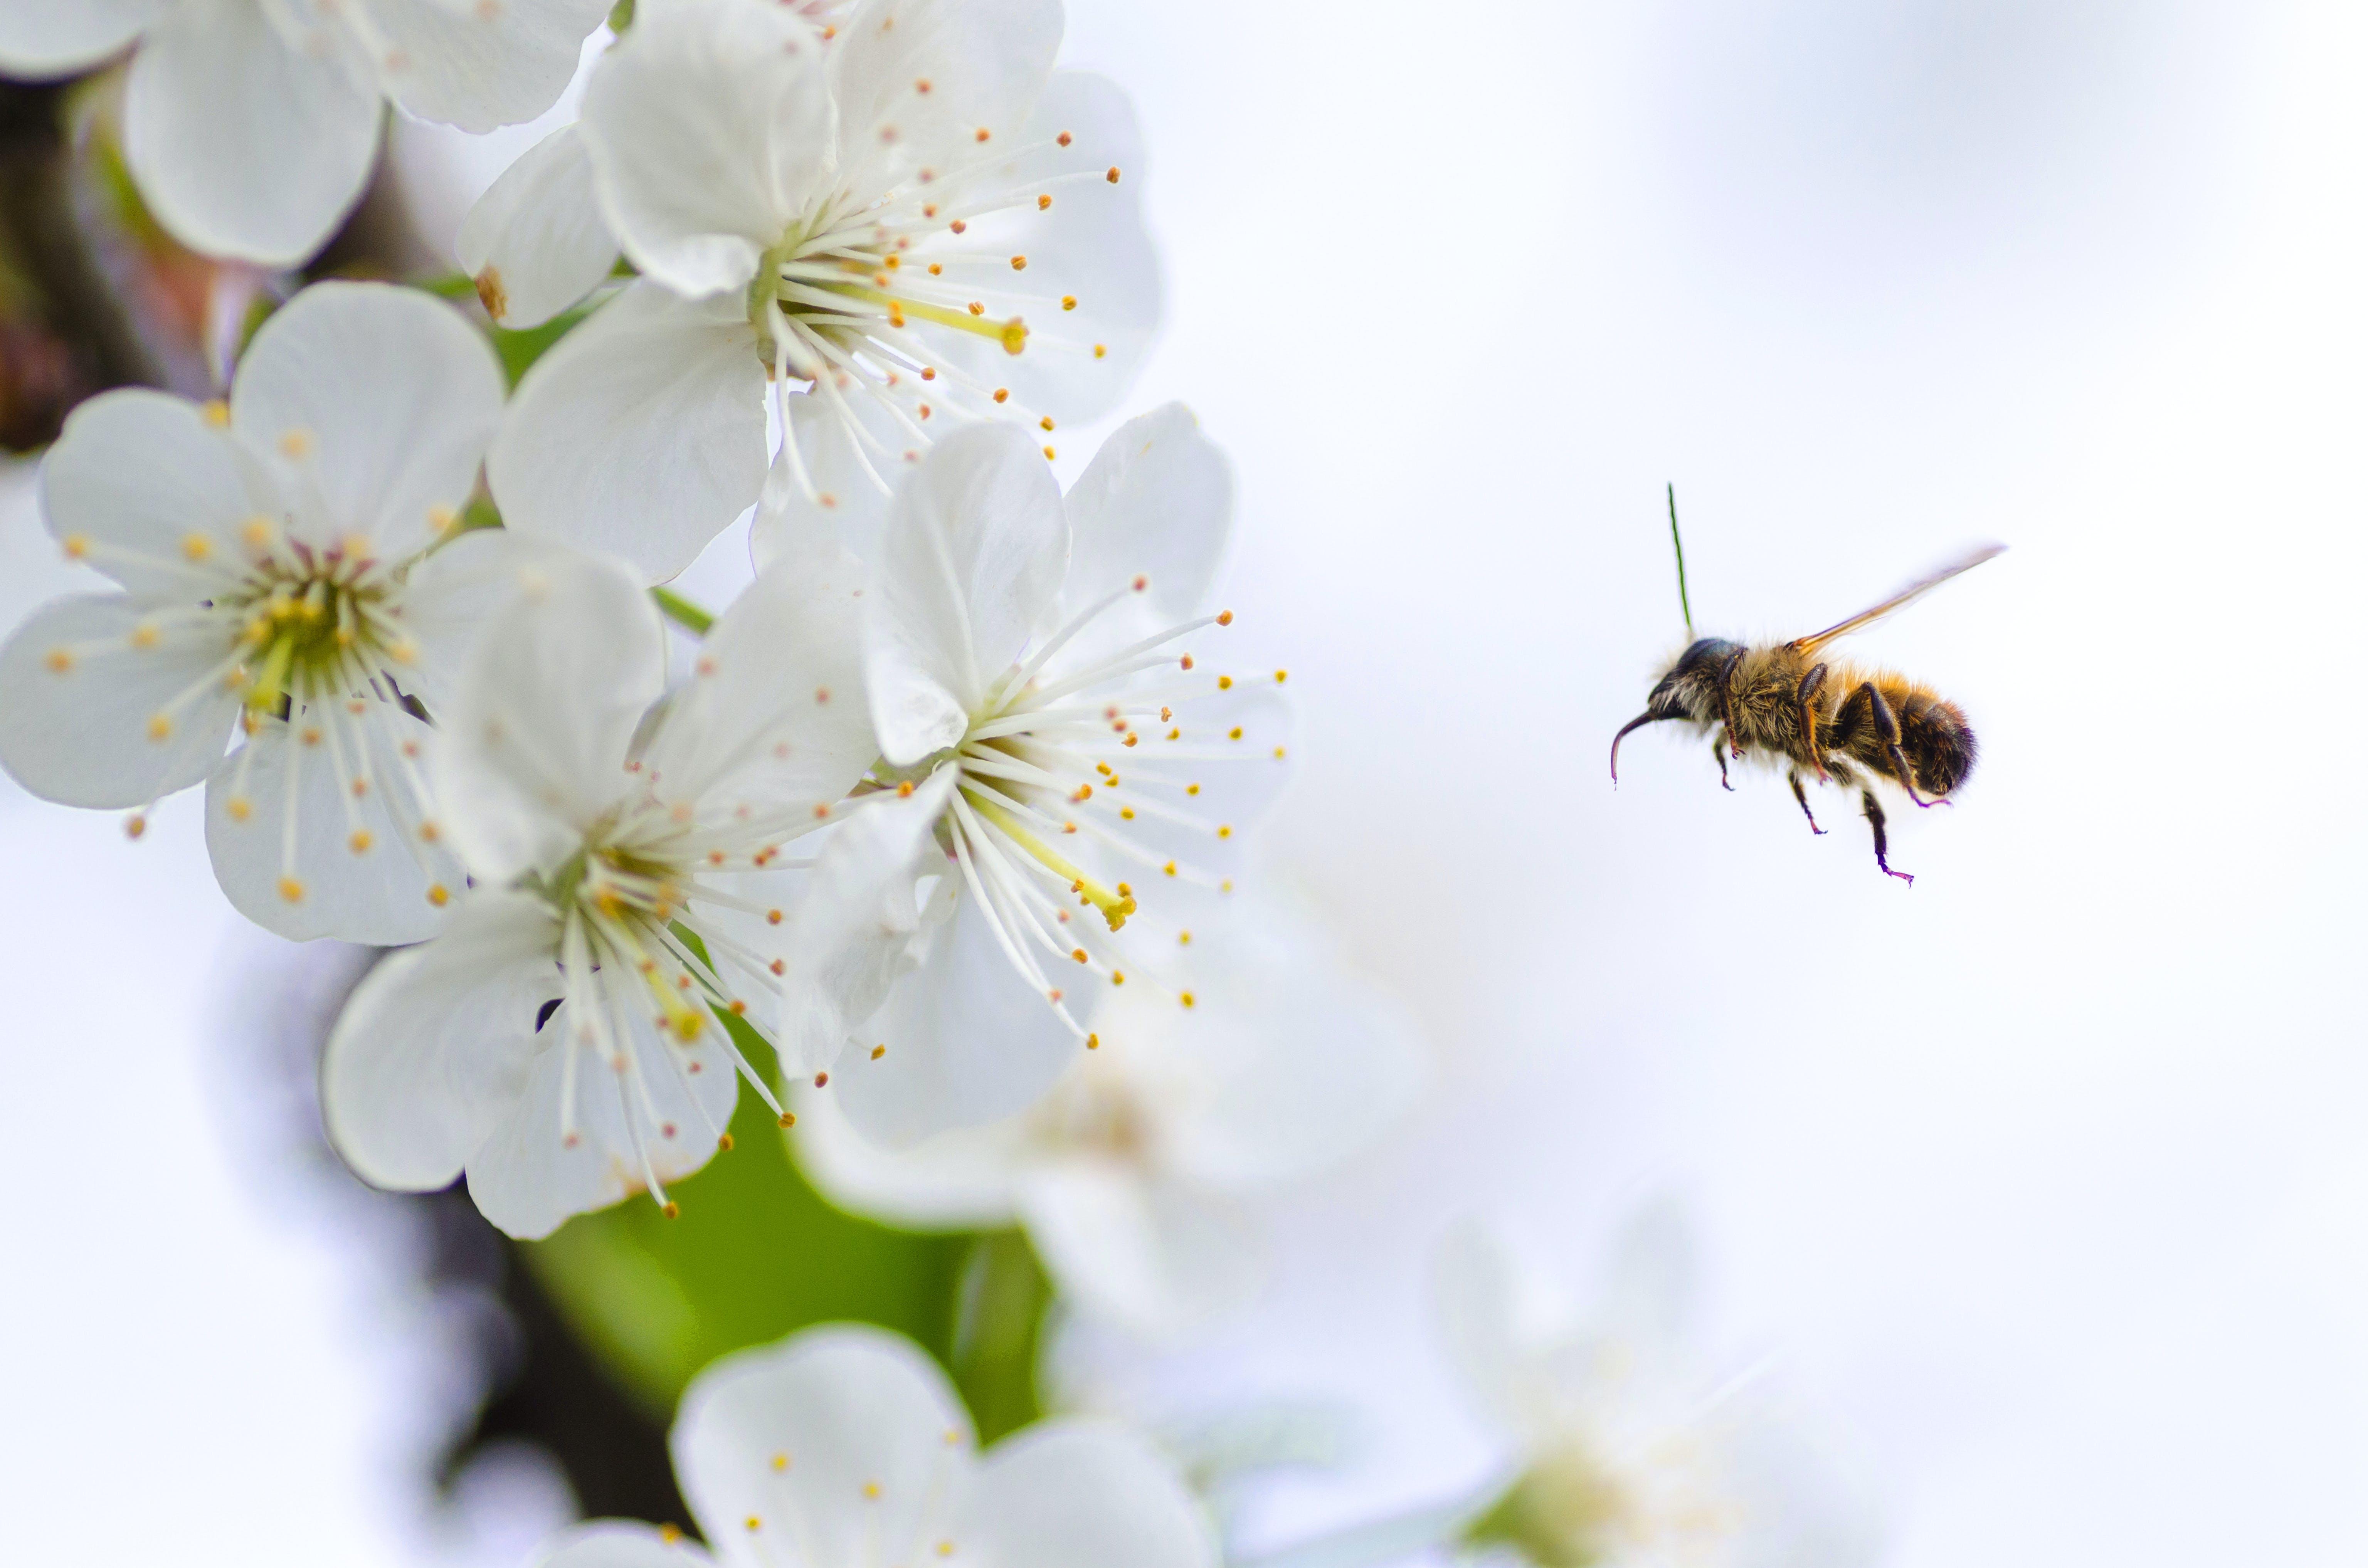 Brown Flying Bee